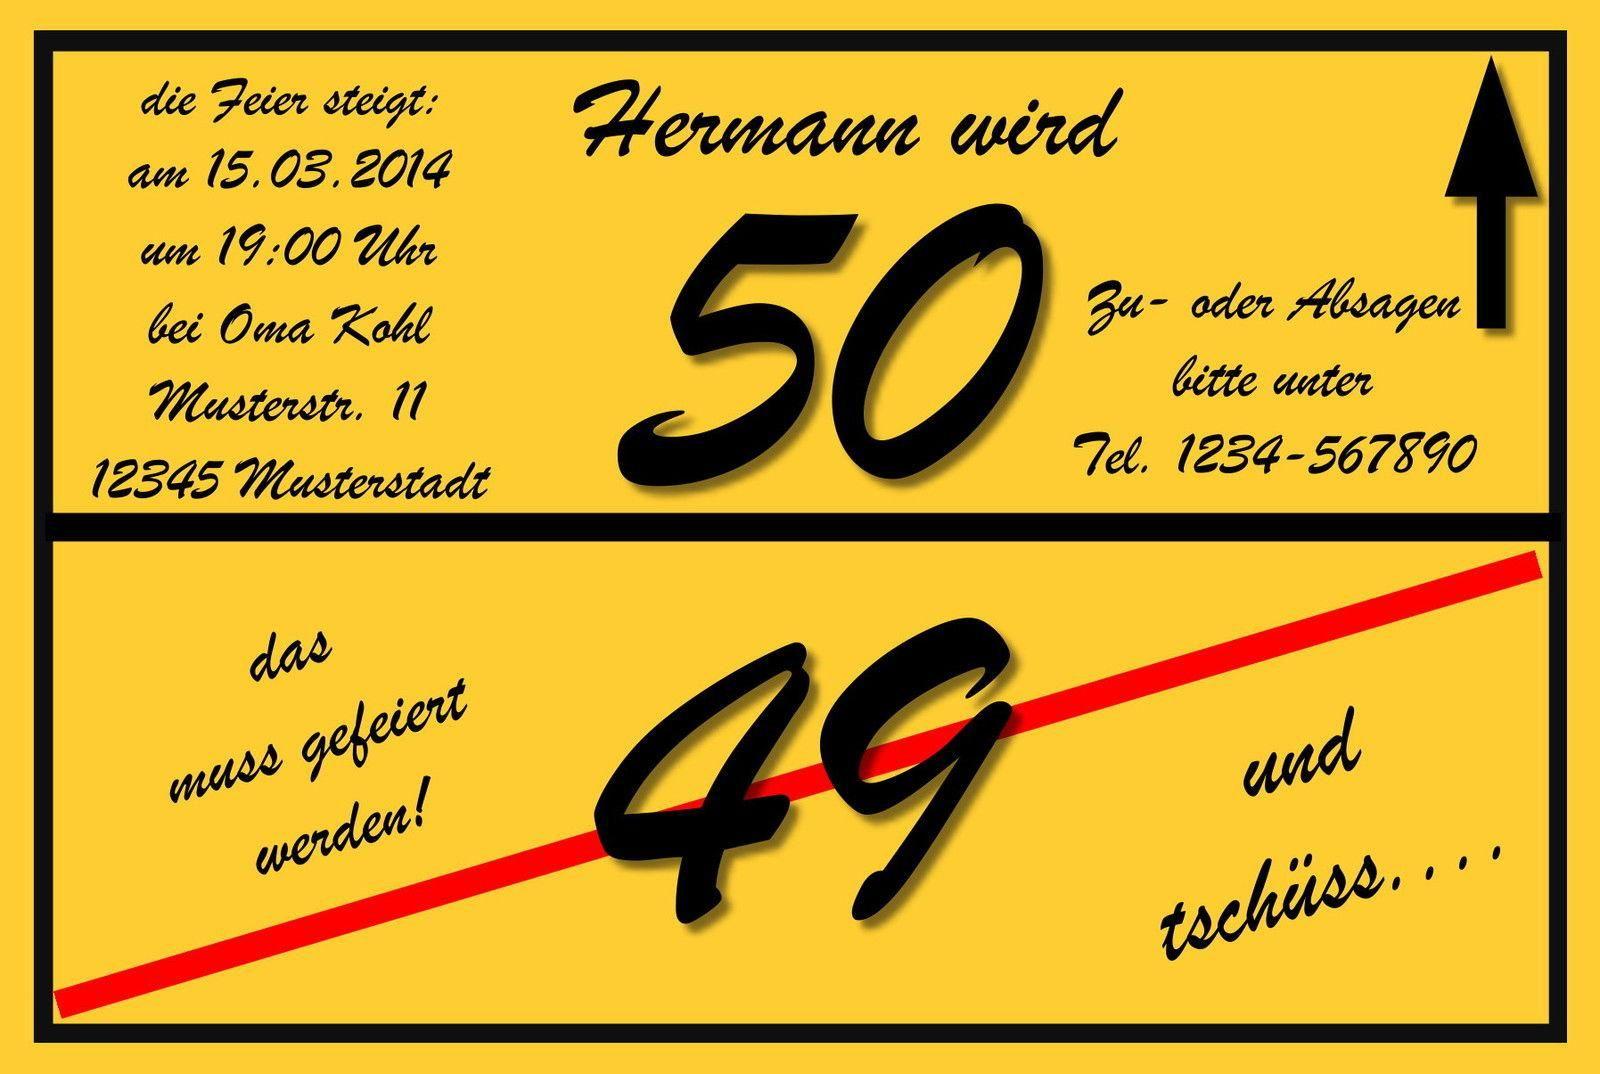 einladungskarten-zum-50-geburtstag-spruche | einladungen | pinterest, Einladung